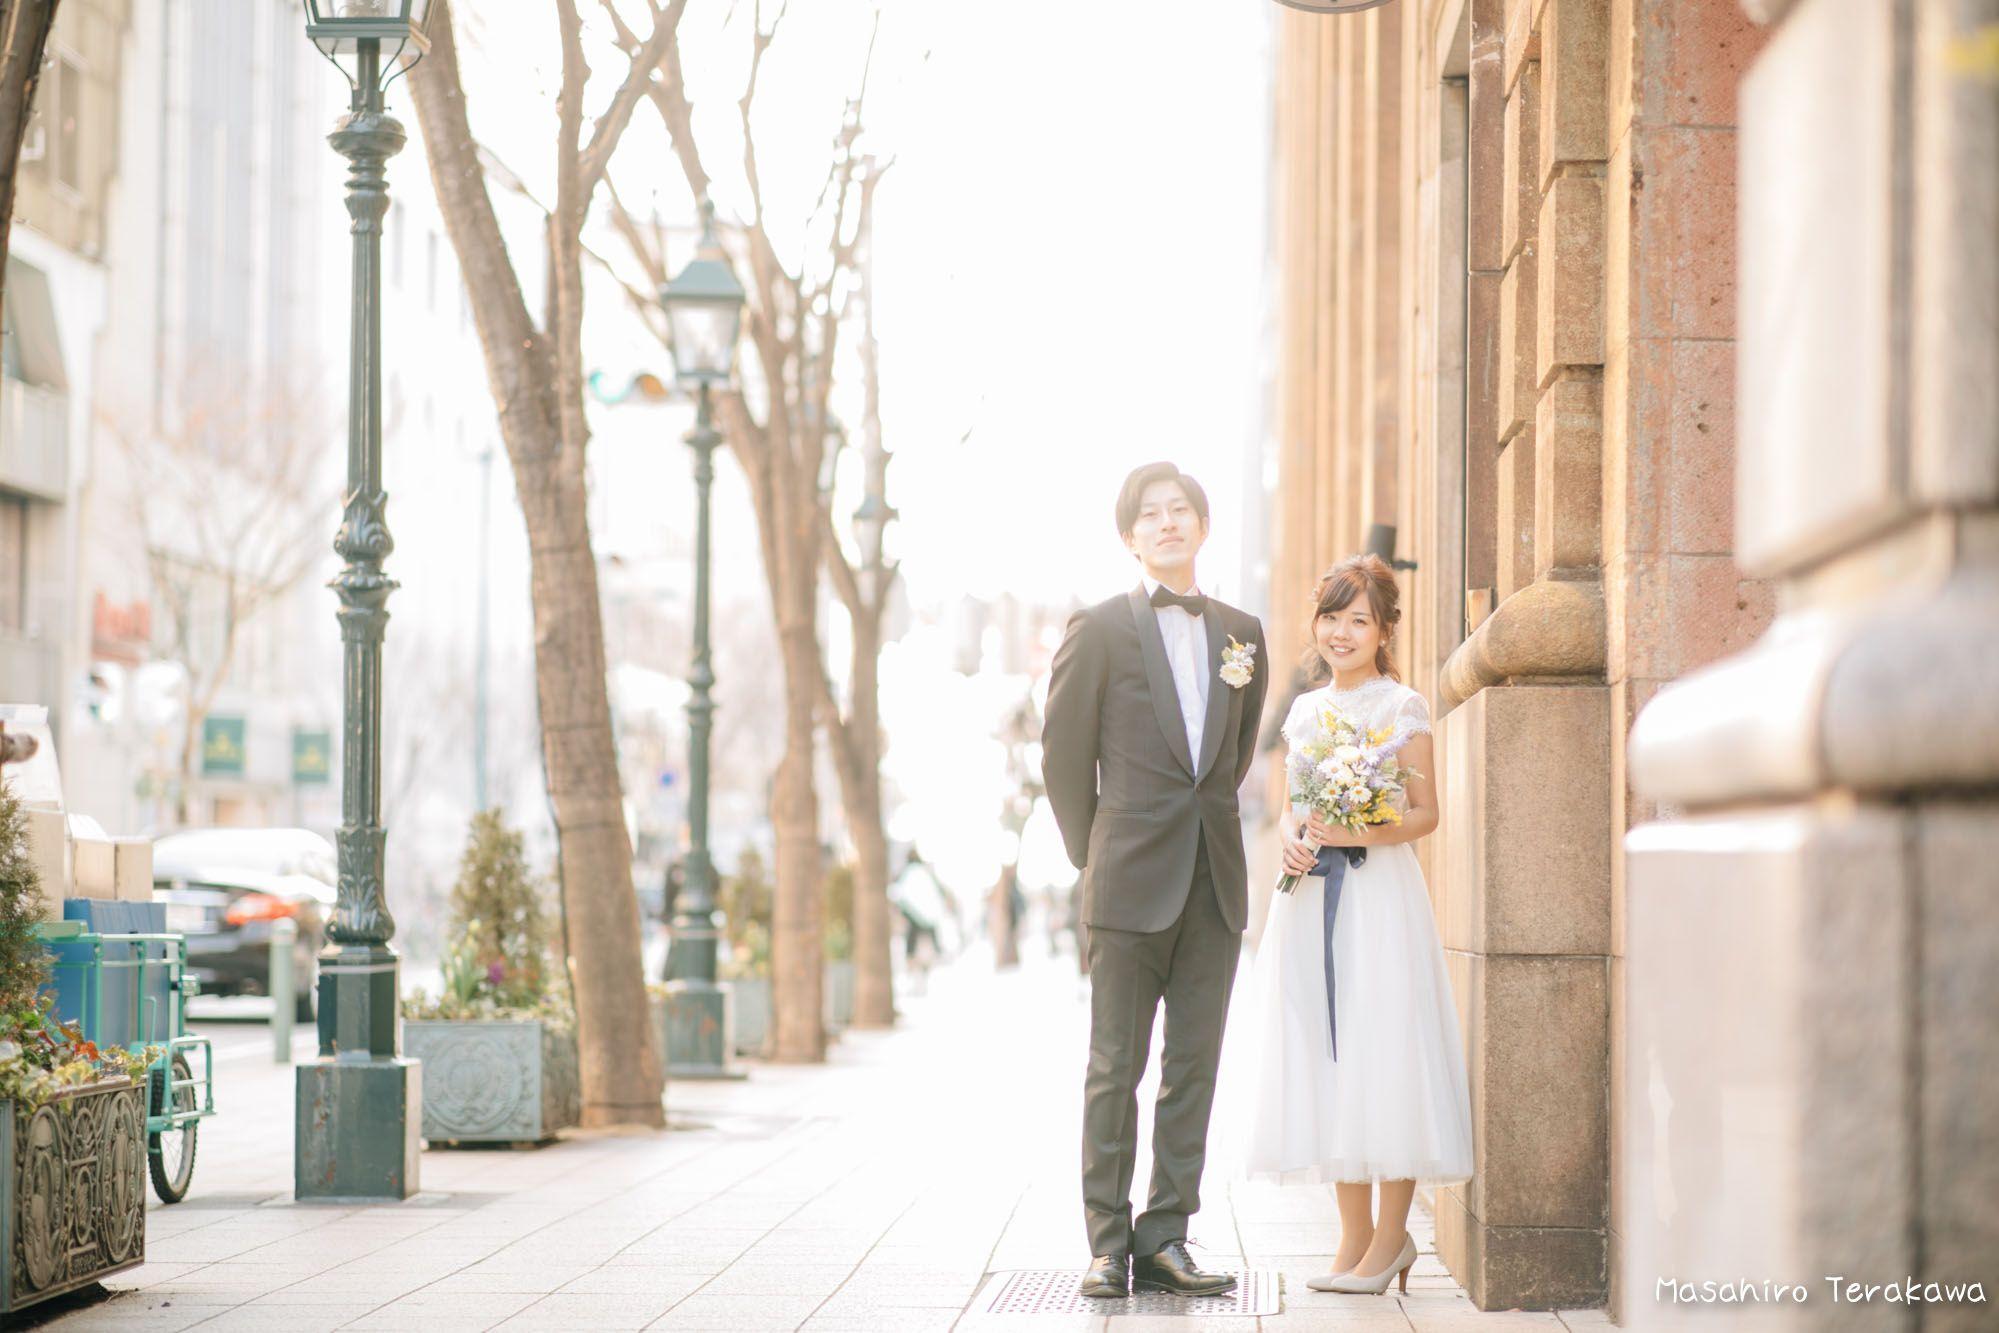 神戸 関西 結婚式の前撮り ロケーションフォト 結婚式の写真撮影 ロケーションフォト ブライダルフォト